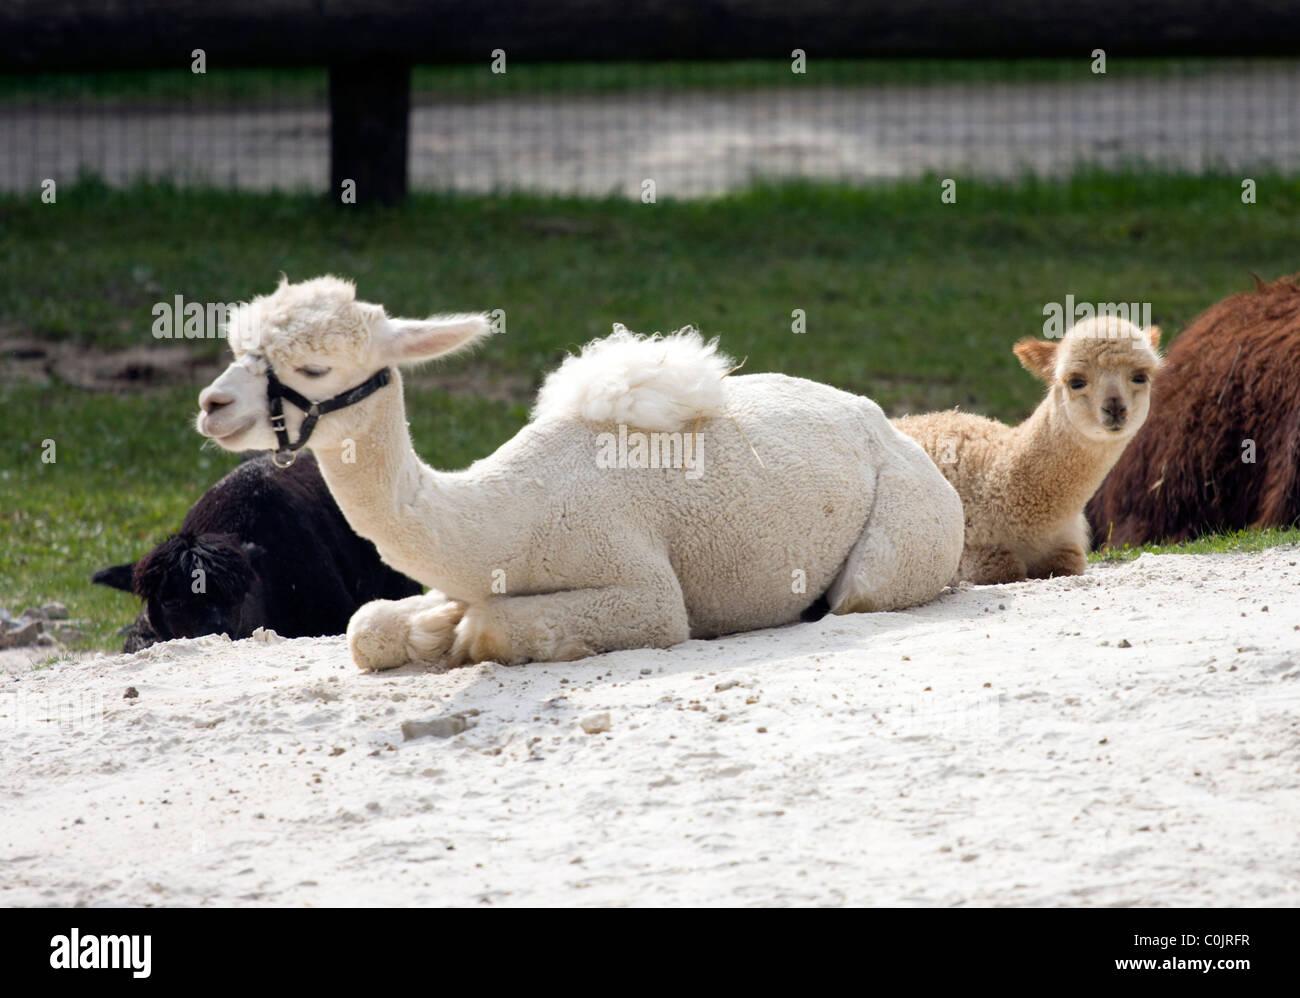 Alpaka (Lama Pacos) family with small baby animals - Stock Image